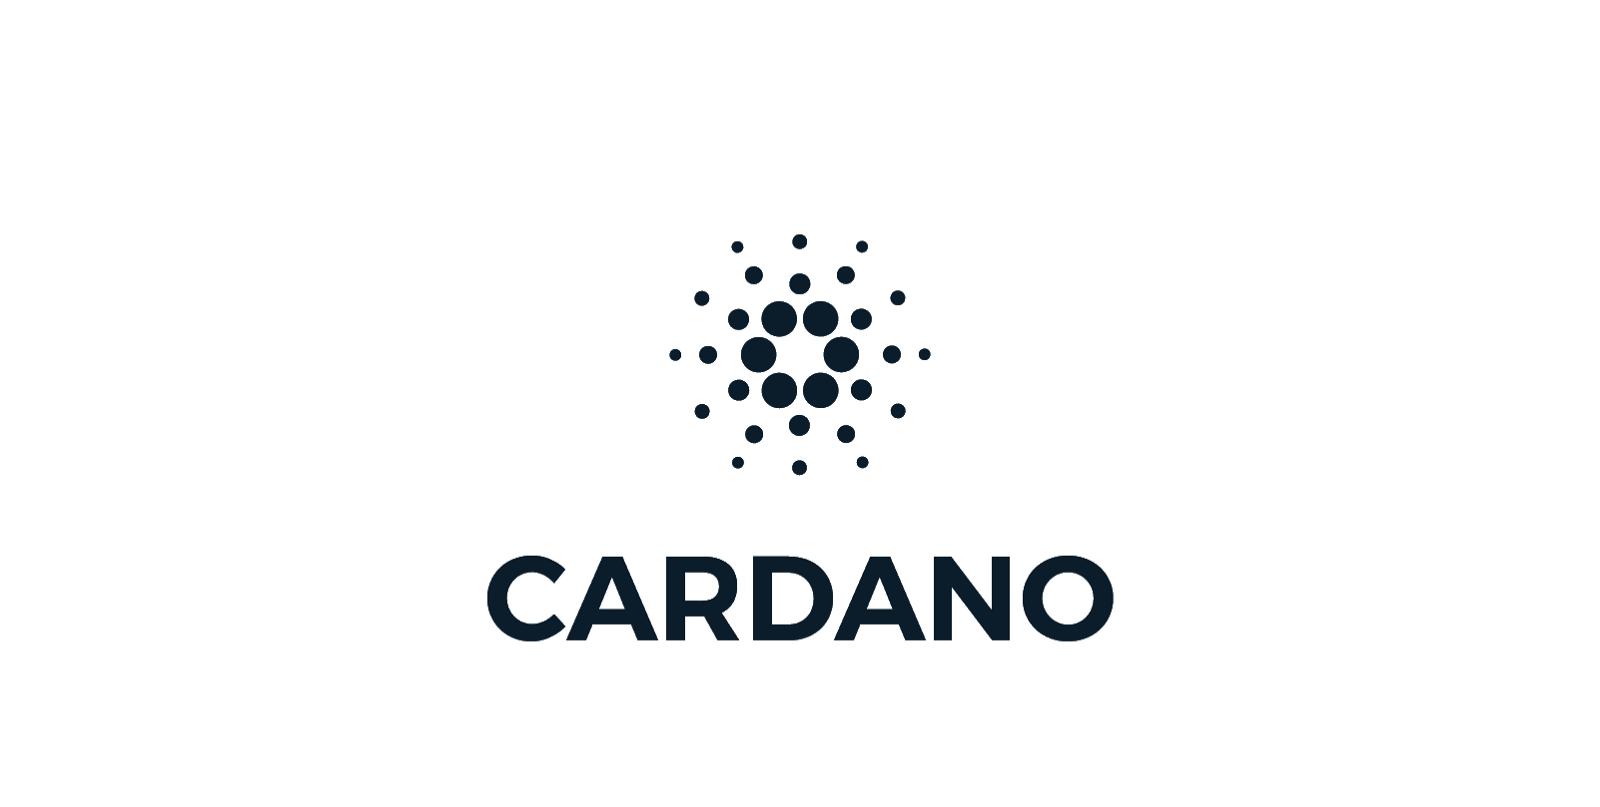 Cardano – Precio Cardano (ADA) / Top 20 Criptomonedas